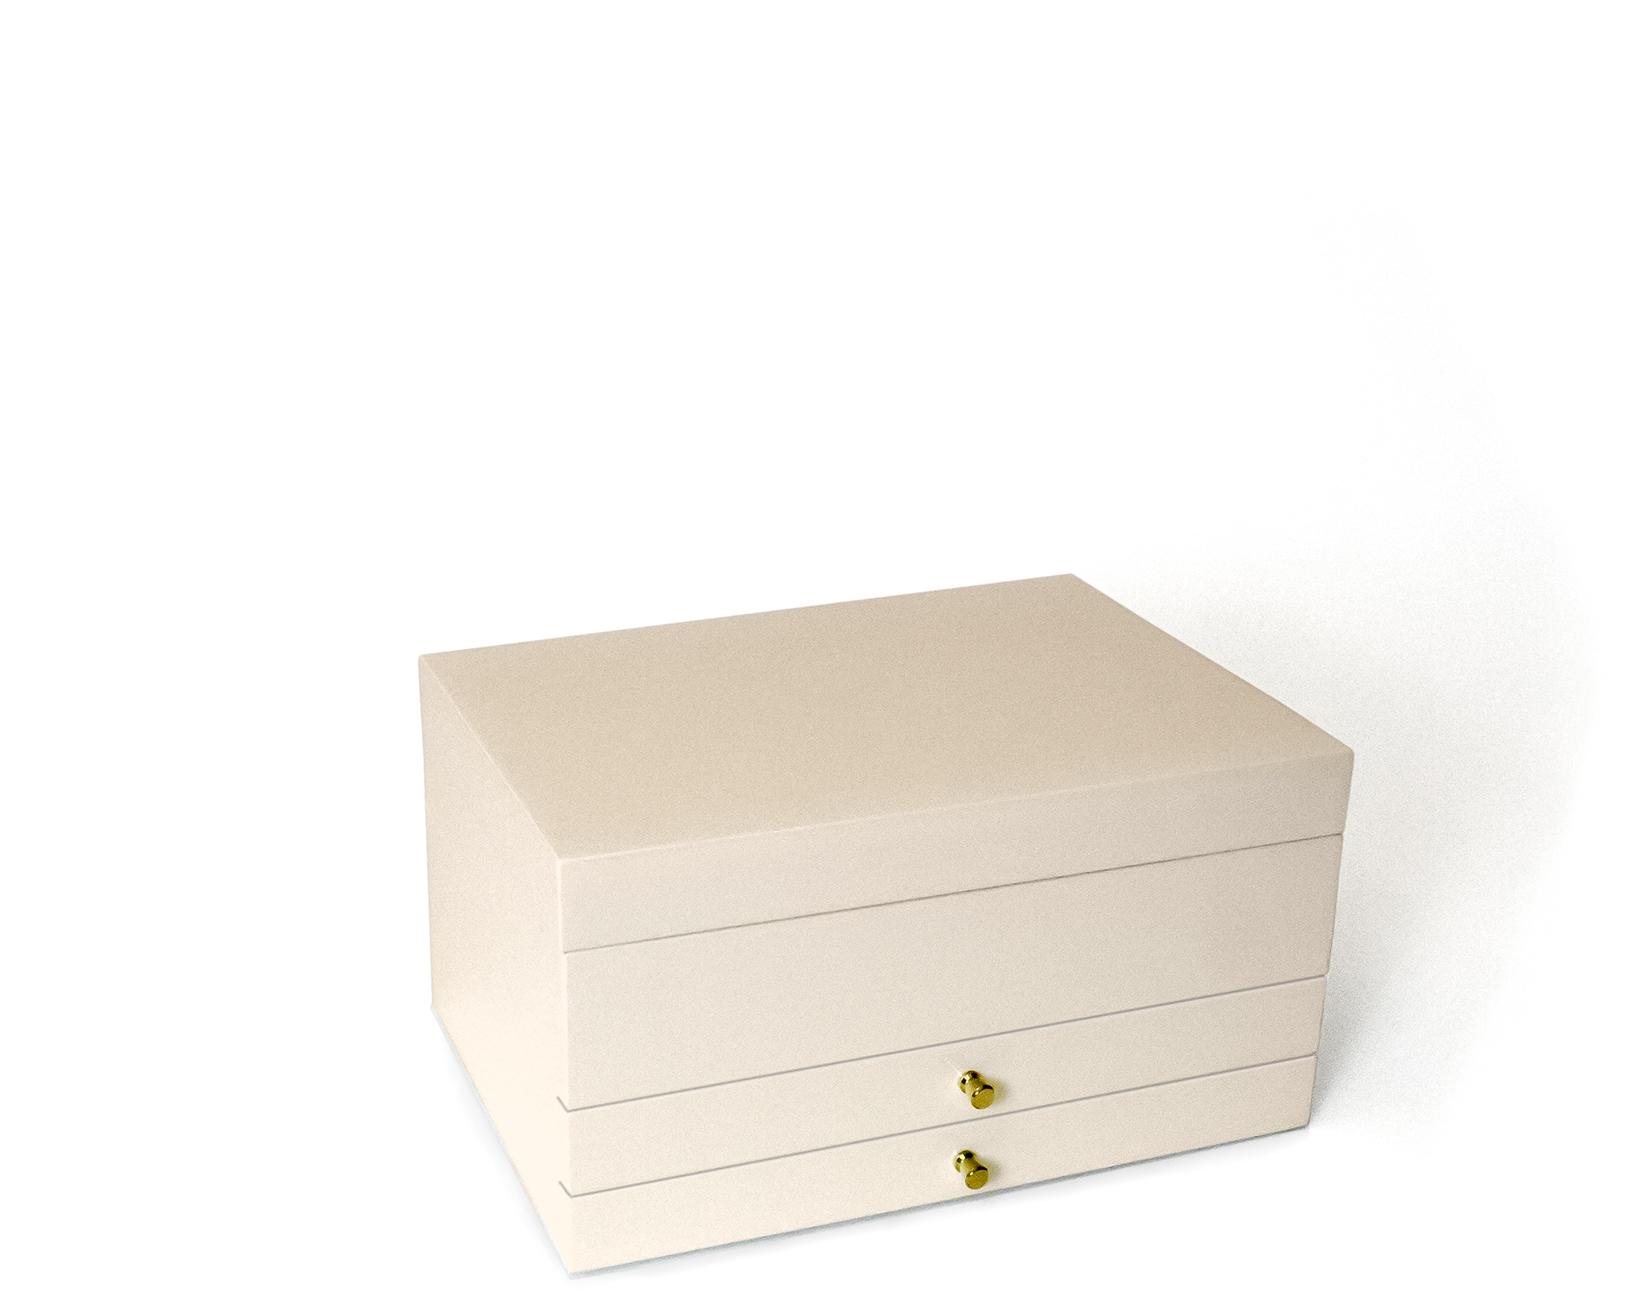 MG14-JD046 charm jewelry box-closed.jpg